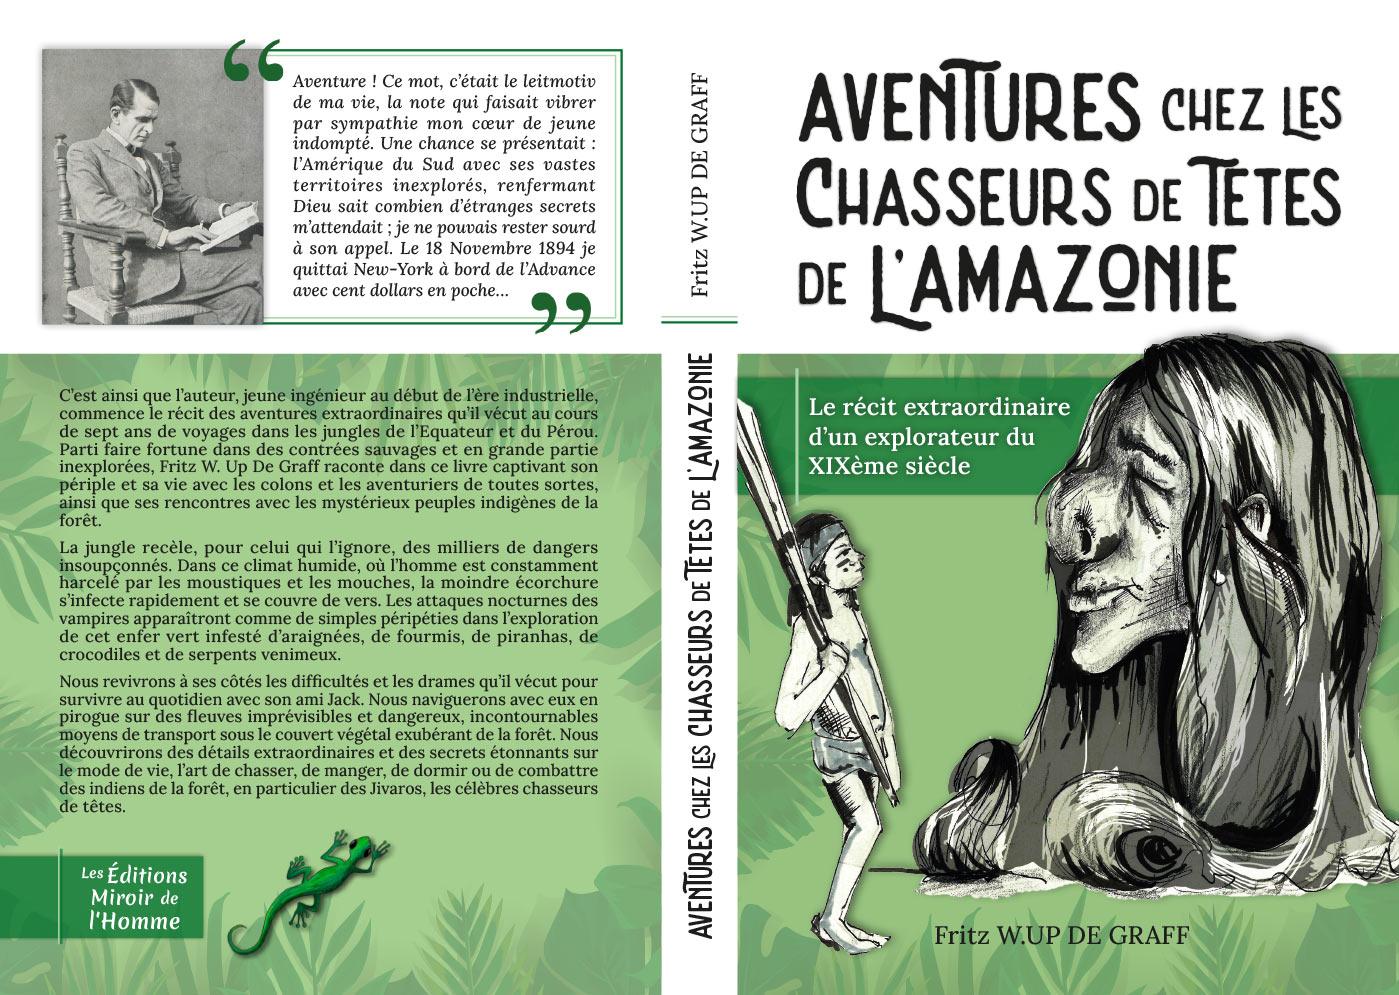 couverture complète aventures chez les chasseurs de têtes de l'amazonie